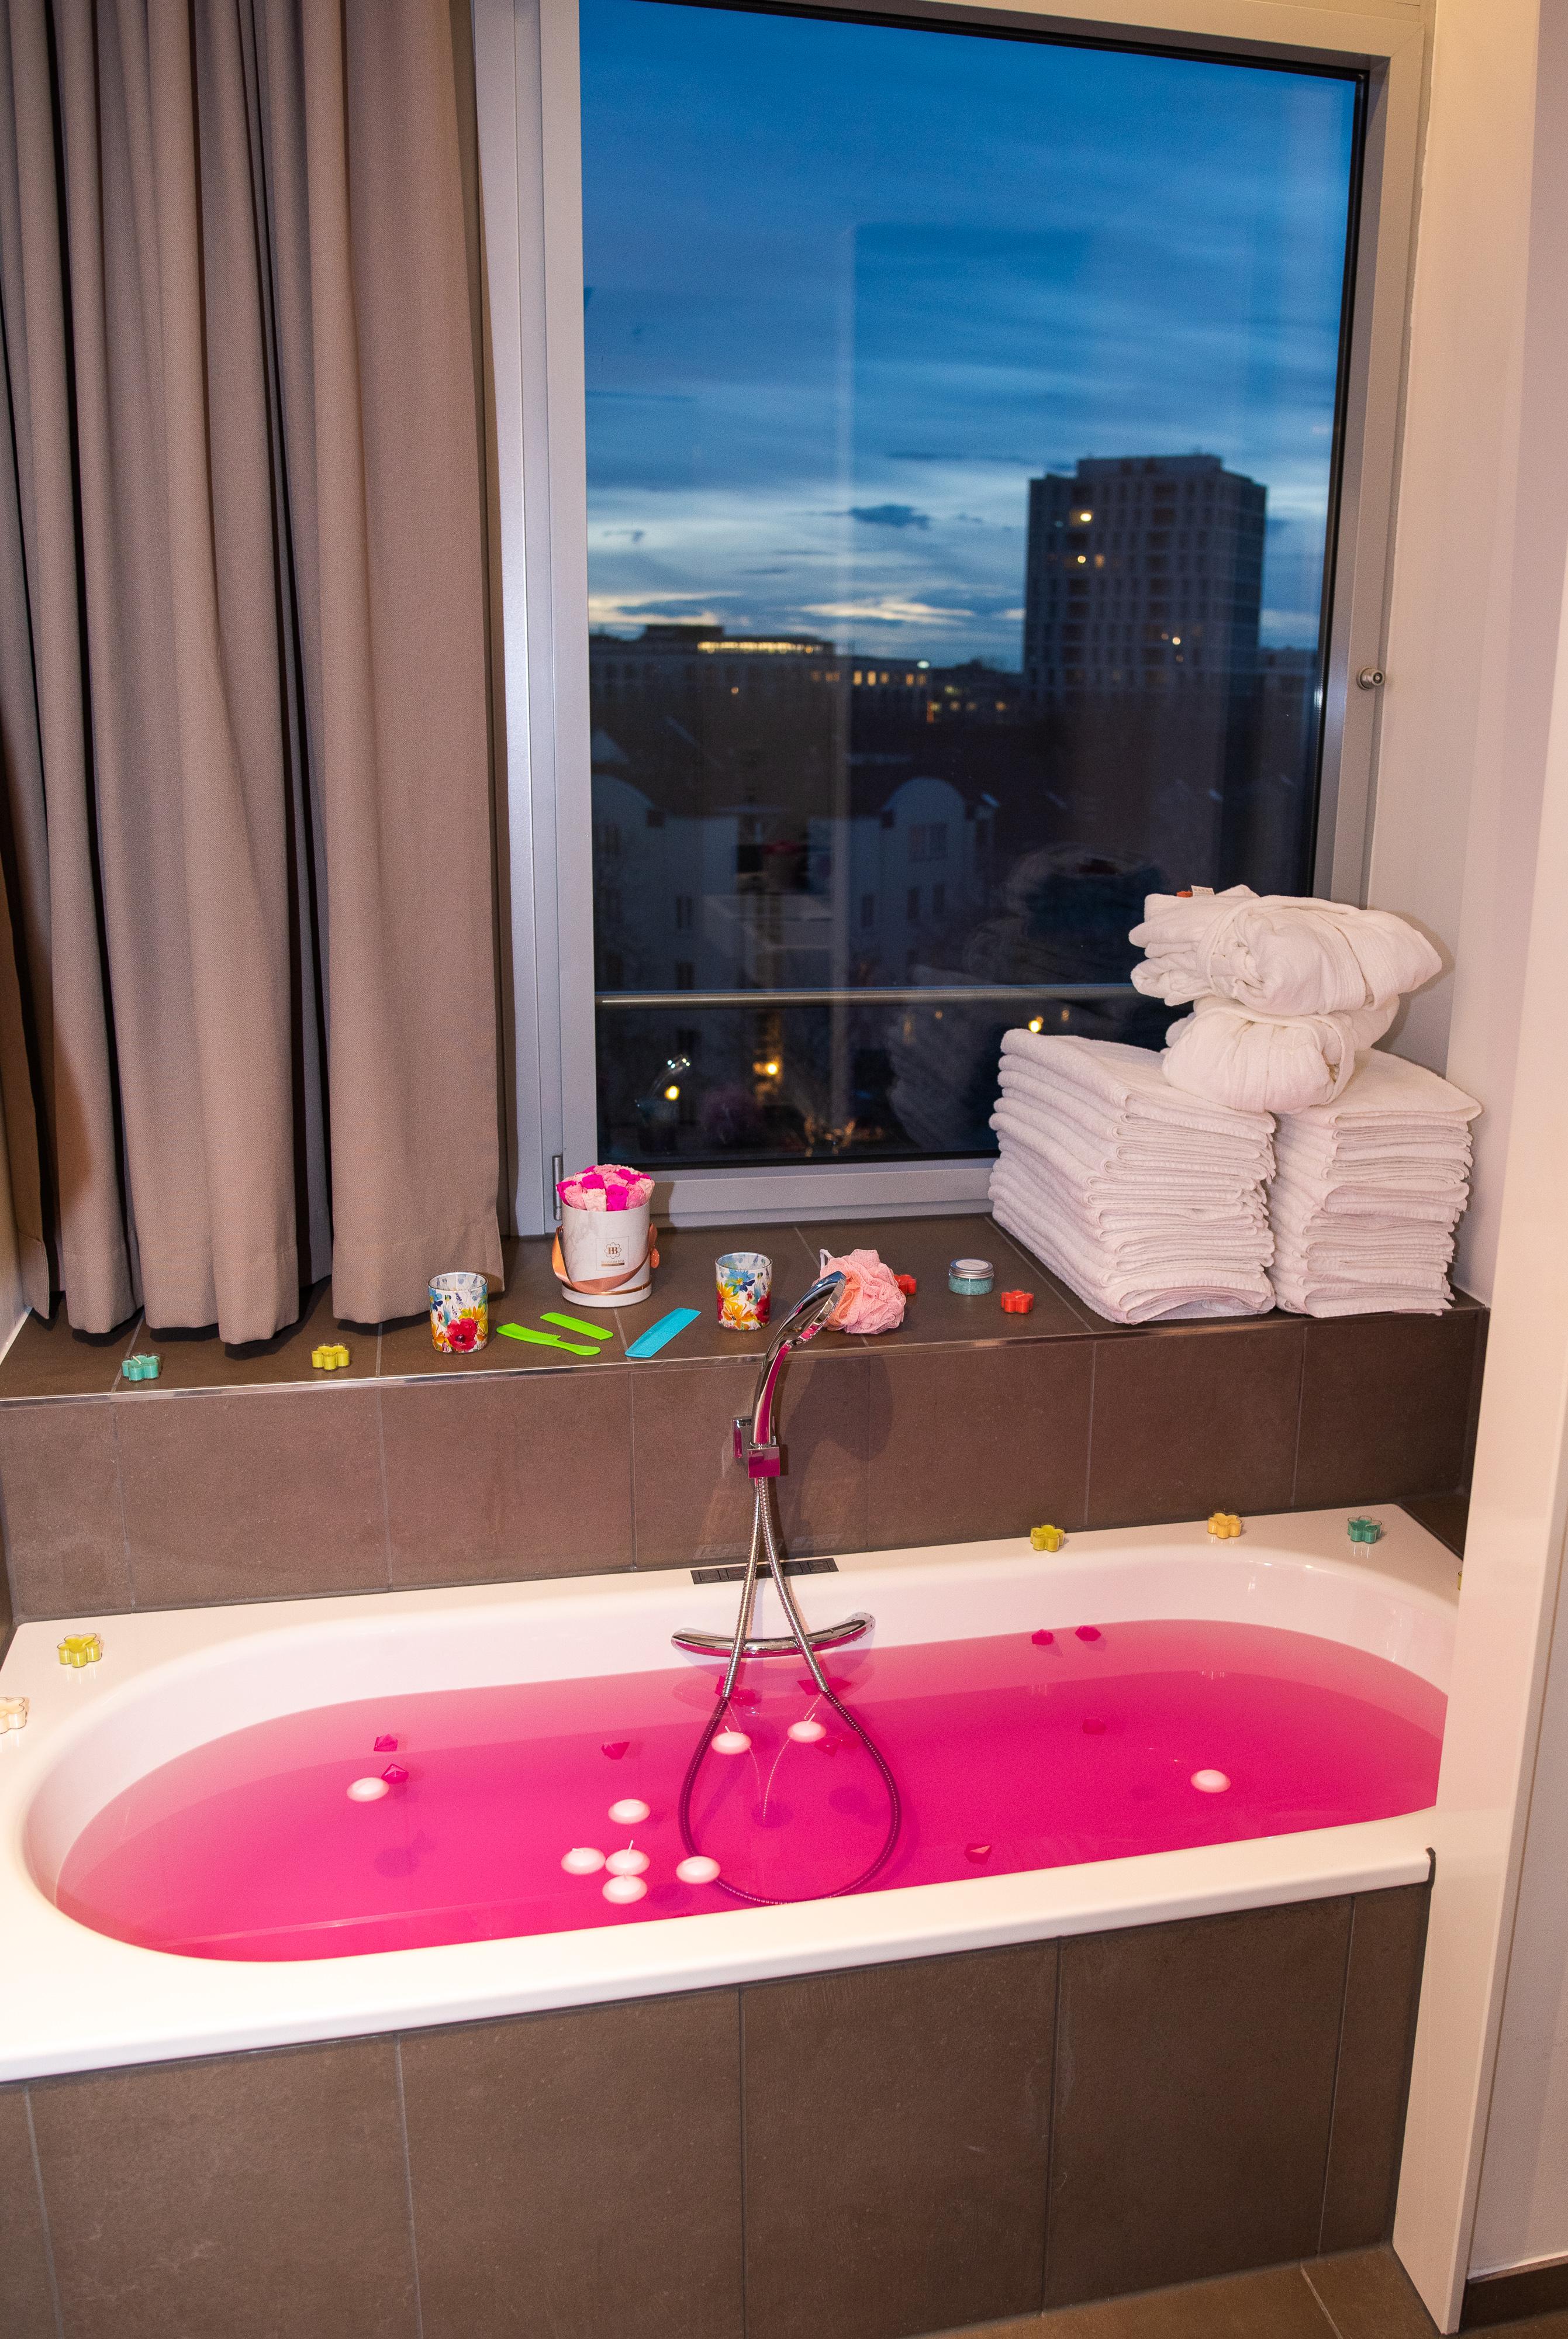 Frühlingshafte Beauty Highlights auf der Fashiondeluxxe Beauty Night - Edition Spring Mood im Steigenberger Hotel München, rosa Badewanne mit Ausblick